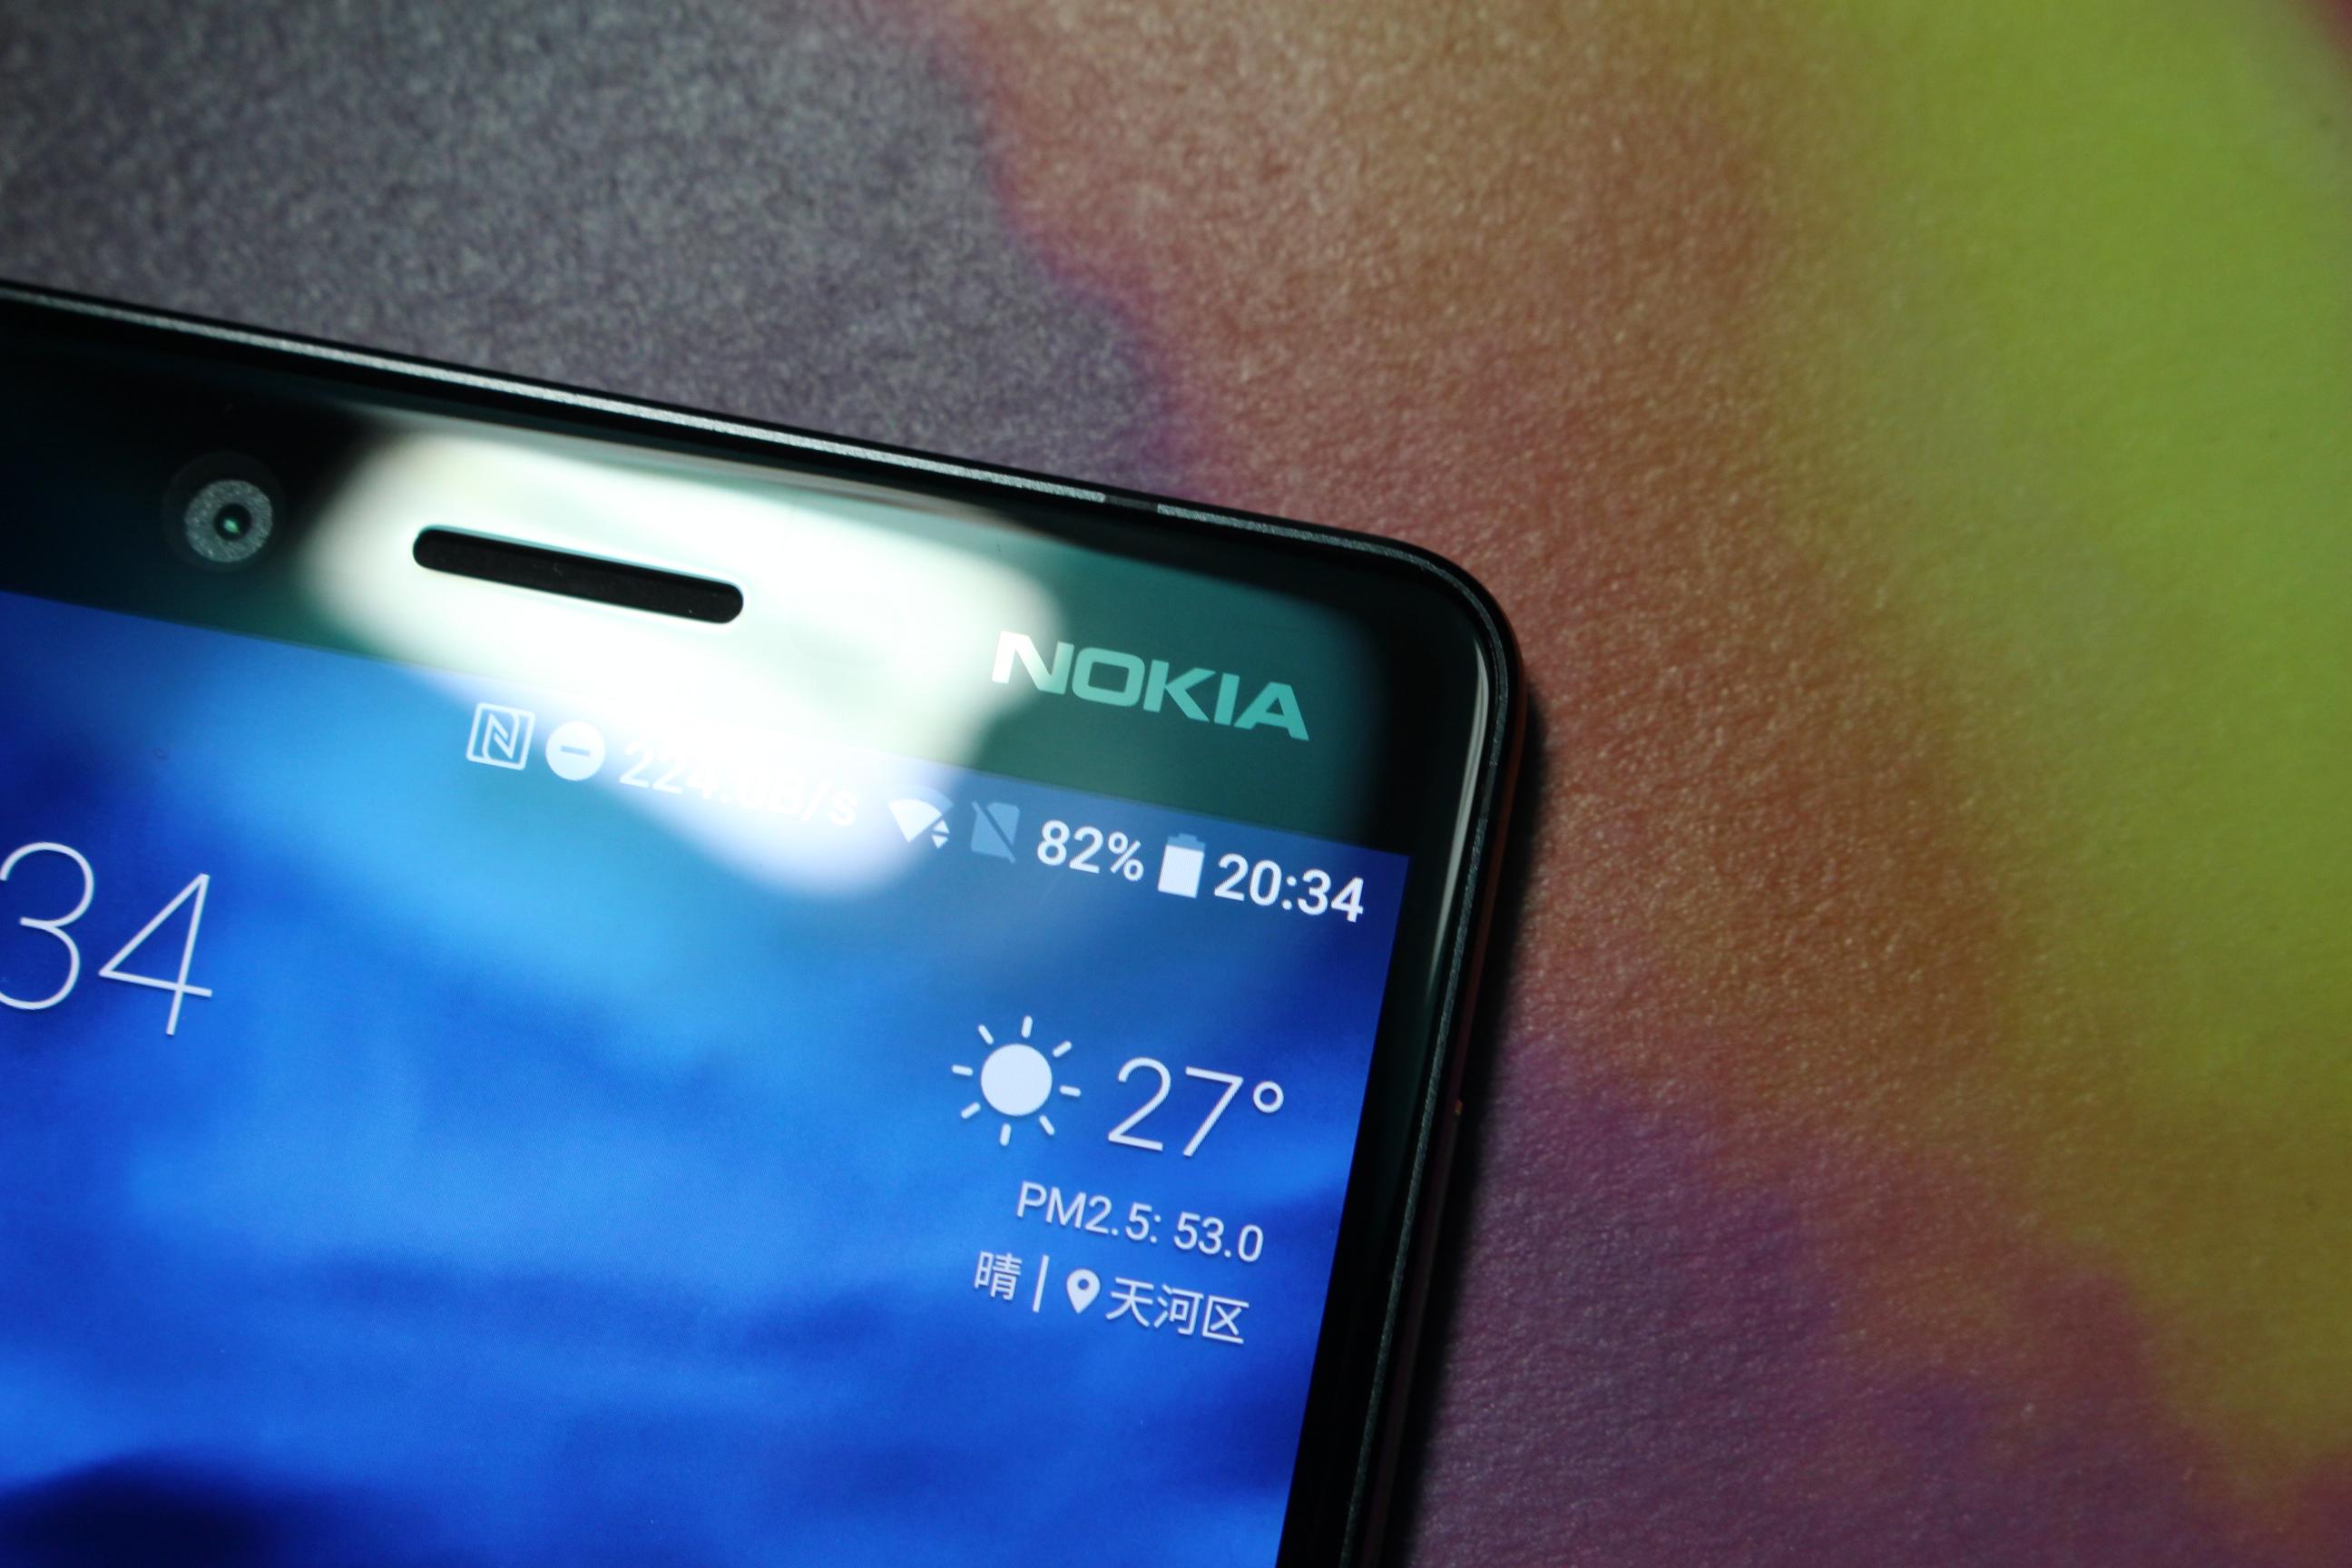 【力皮西】蔡司镜头回归,诺基亚情怀佳作Nokia 7上手测评